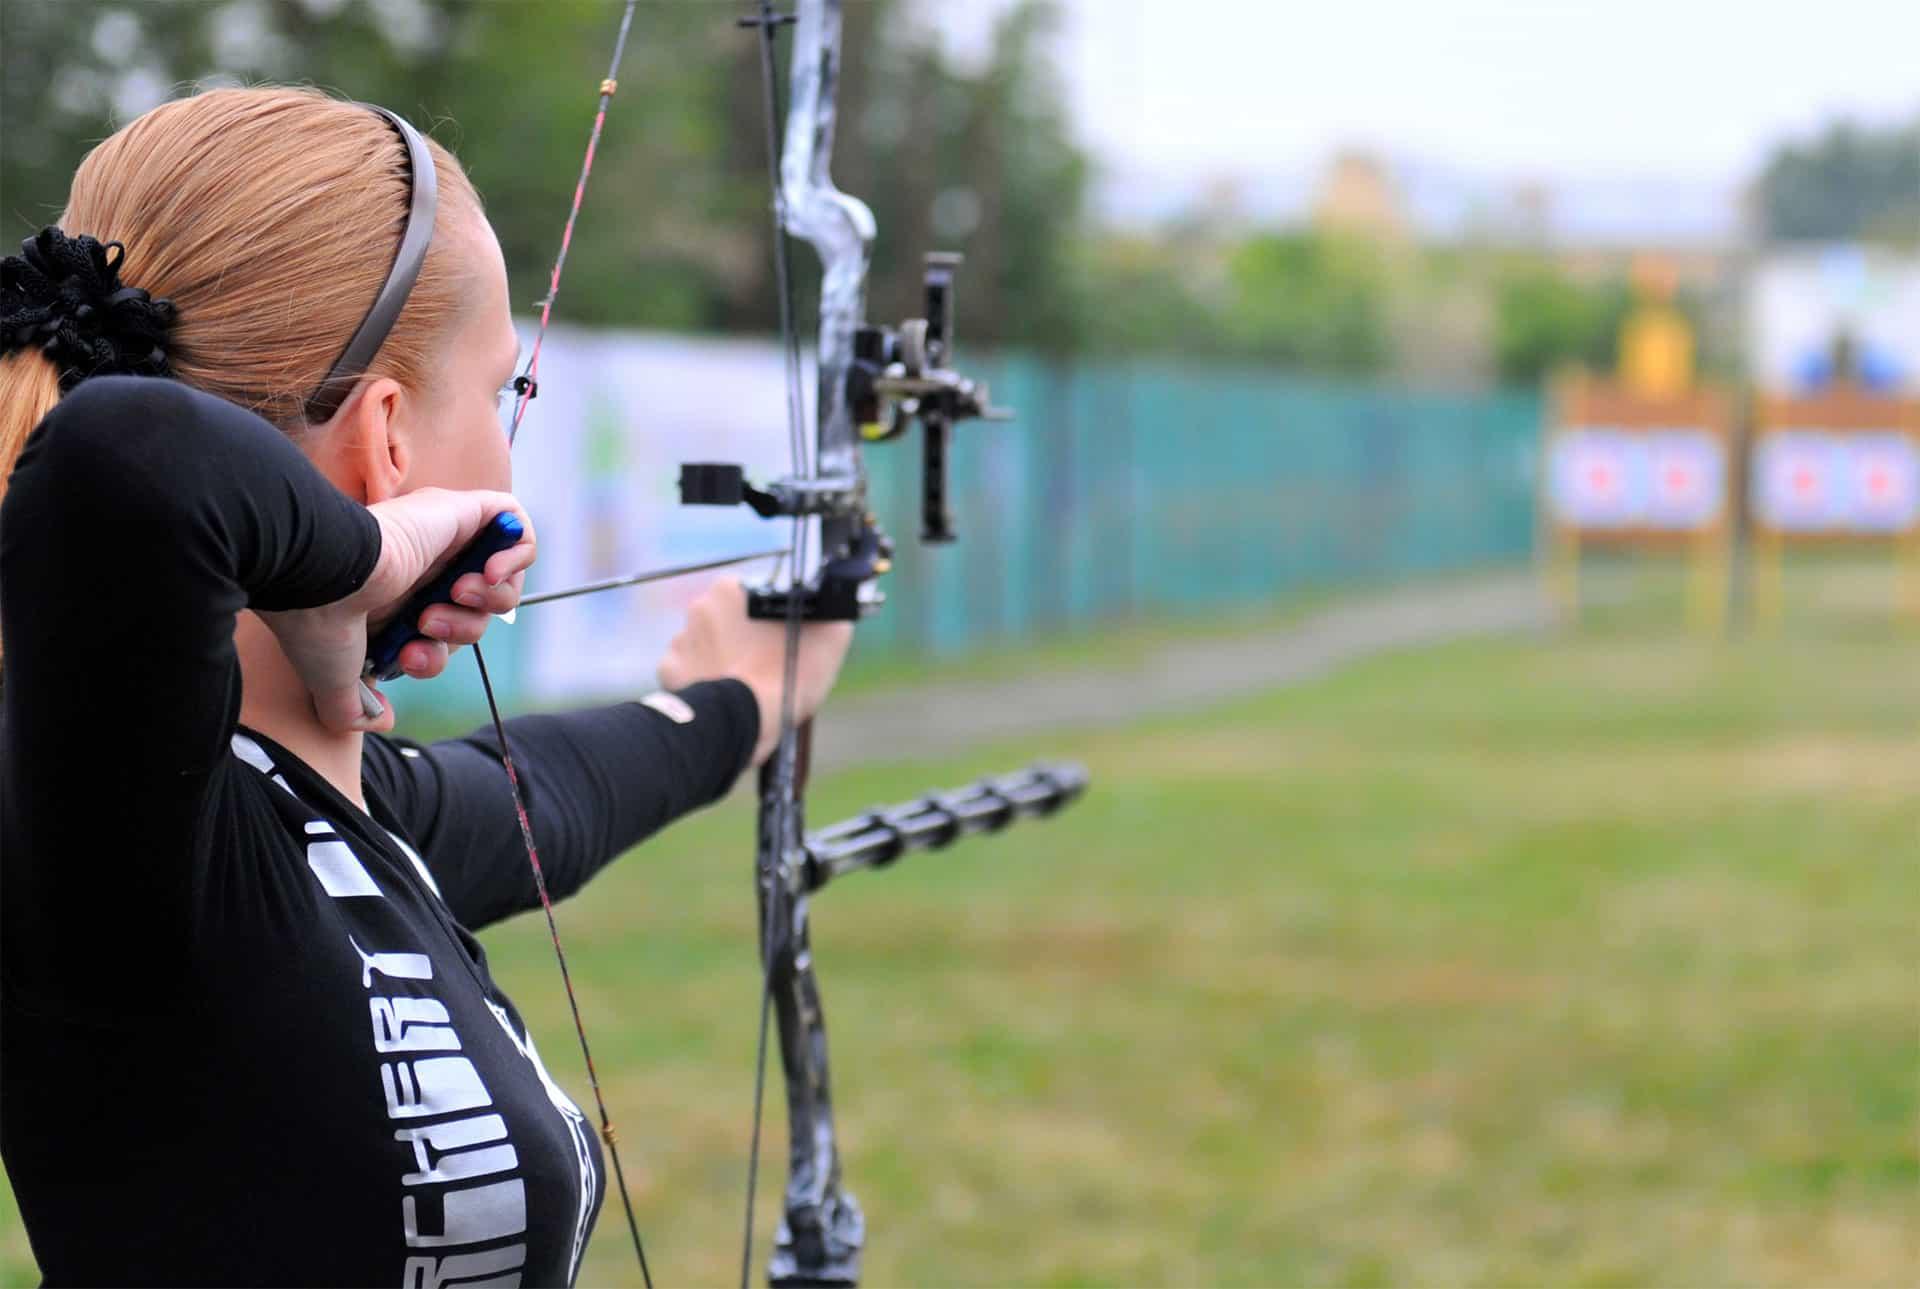 En kvinna med profilkläder förebreder sig för att skjuta en pil på en måltavla